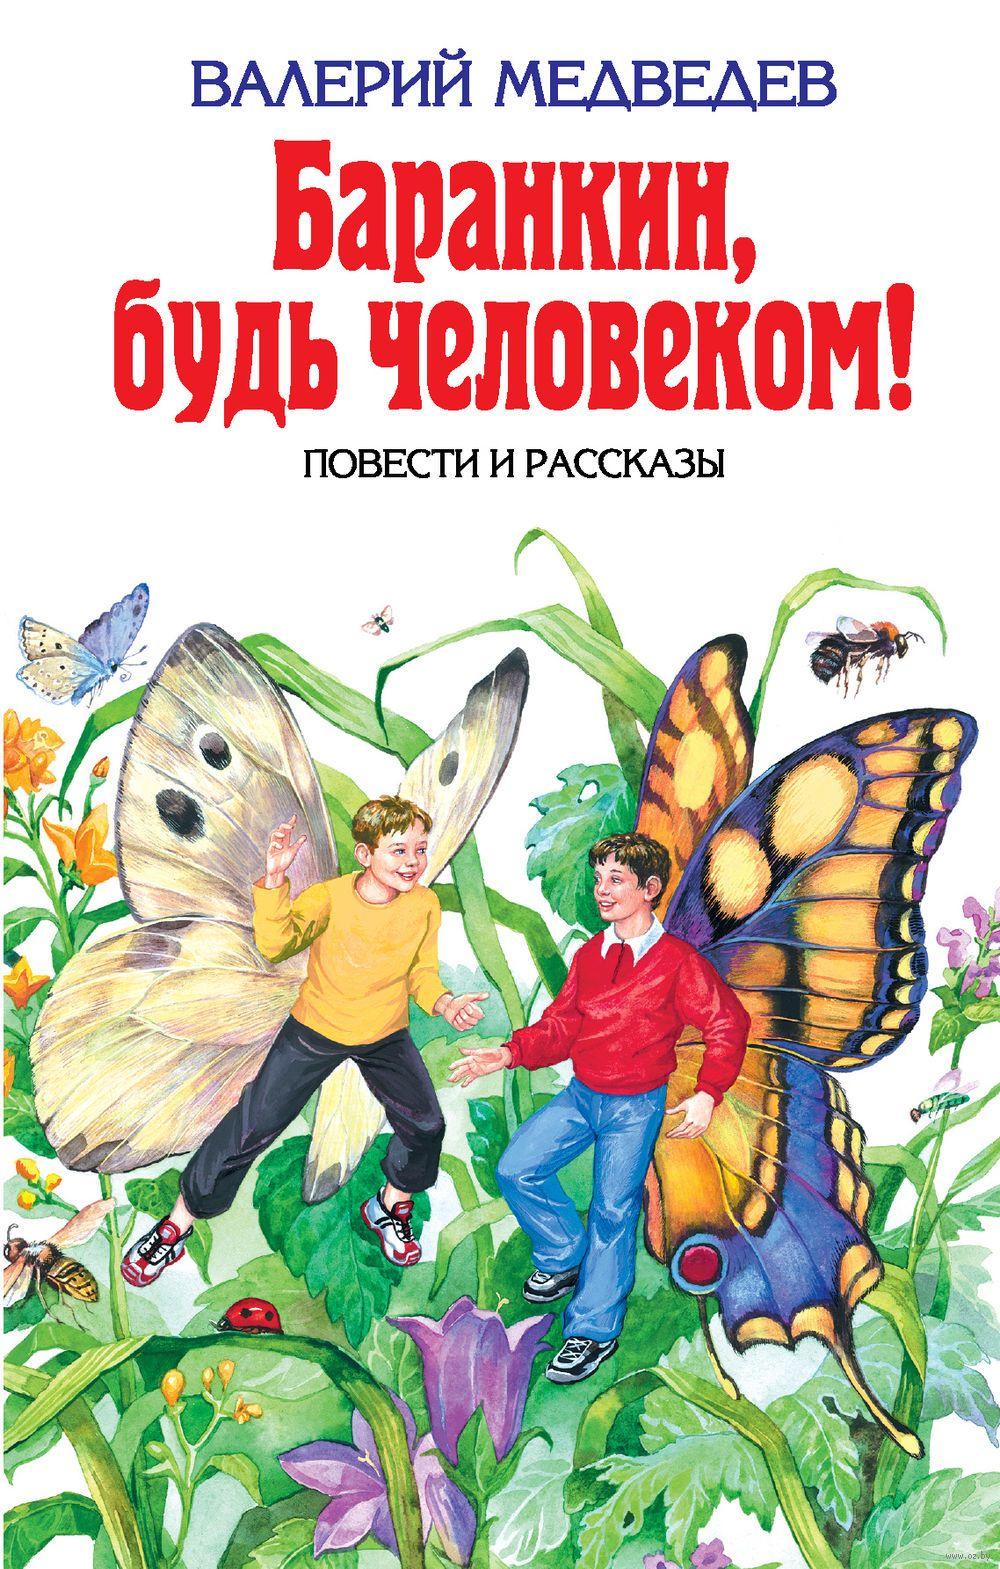 Картинки по запросу «Баранкин, будь человеком!» Валерий Медведев